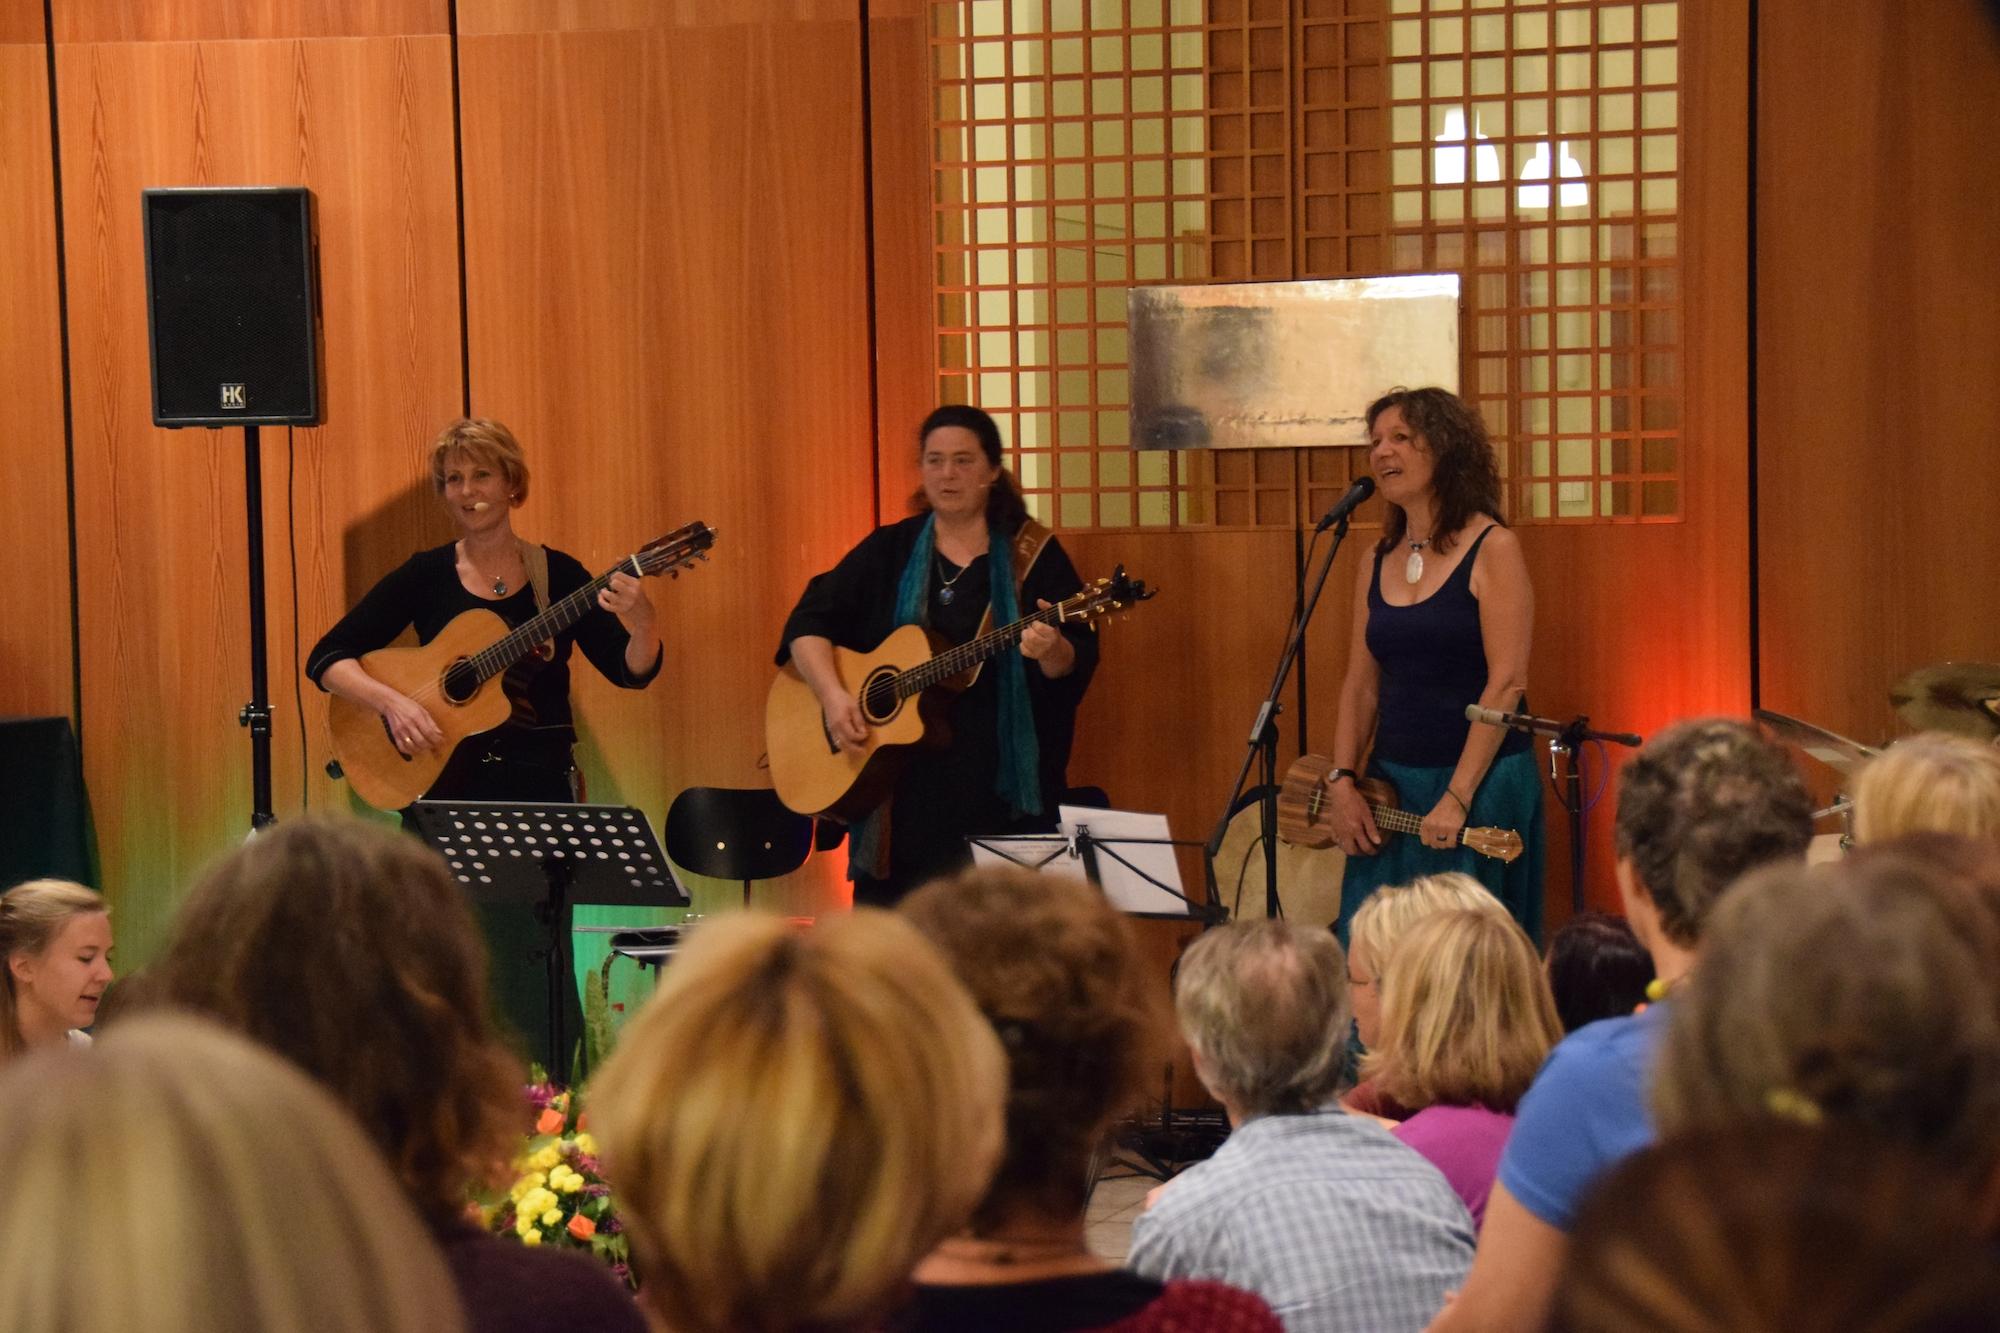 25.09.2015 - 5. Nacht der Spirituellen Lieder Regensburg mit Susanne Goebel, Iria Schärer, Georgina